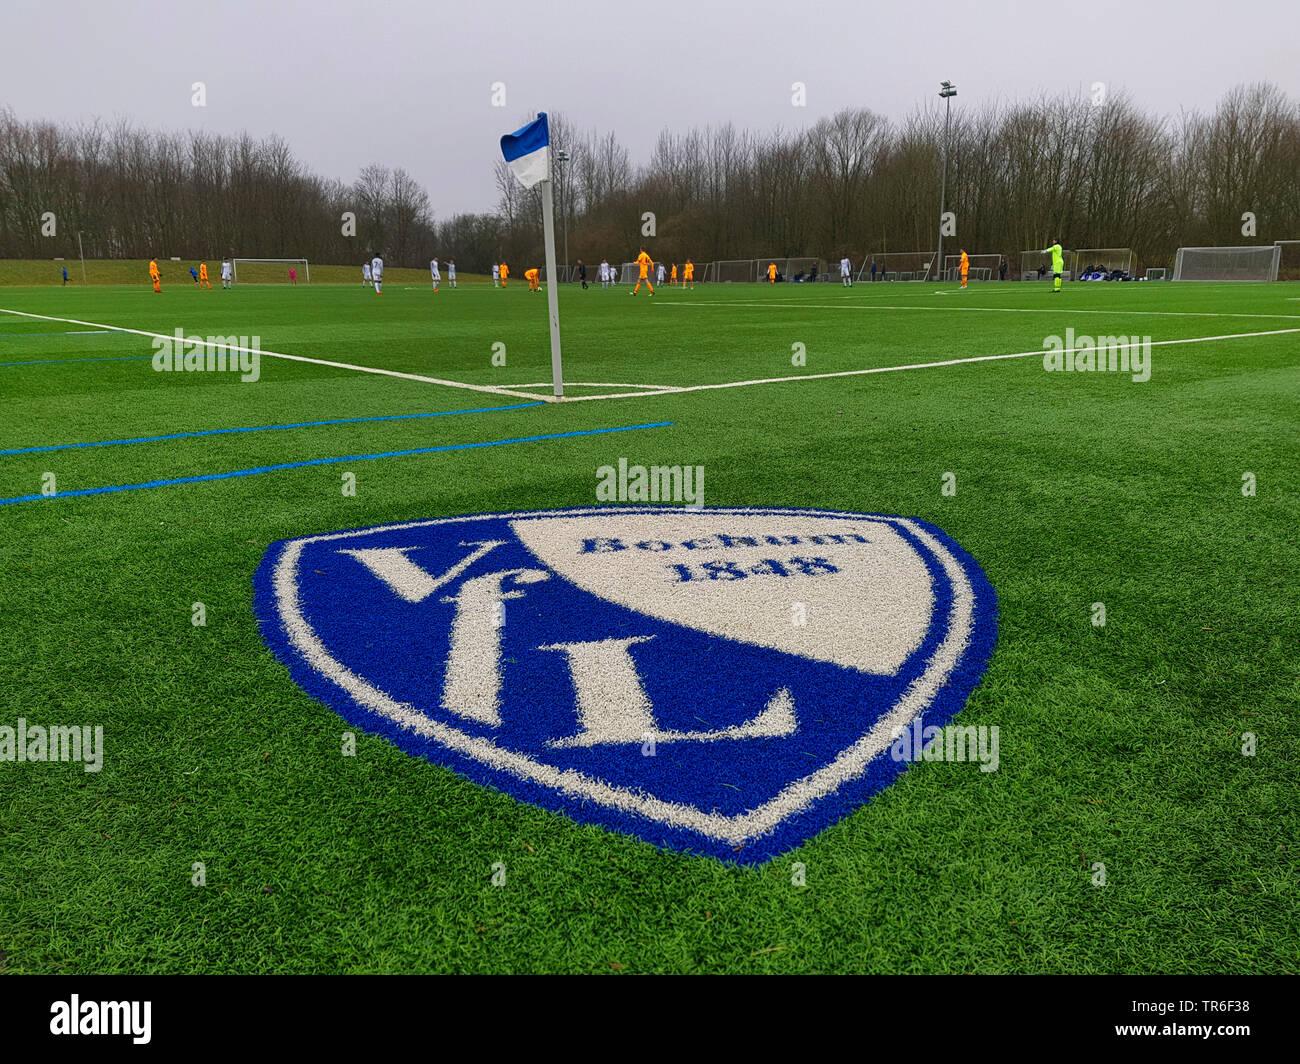 Wappen des VfL Bochum gesprueht auf dem Fussballrasen bei einem Fussballspiel, Deutschland, NRW, Ruhrgebiet, Bochum | blazon of the football club VfL - Stock Image